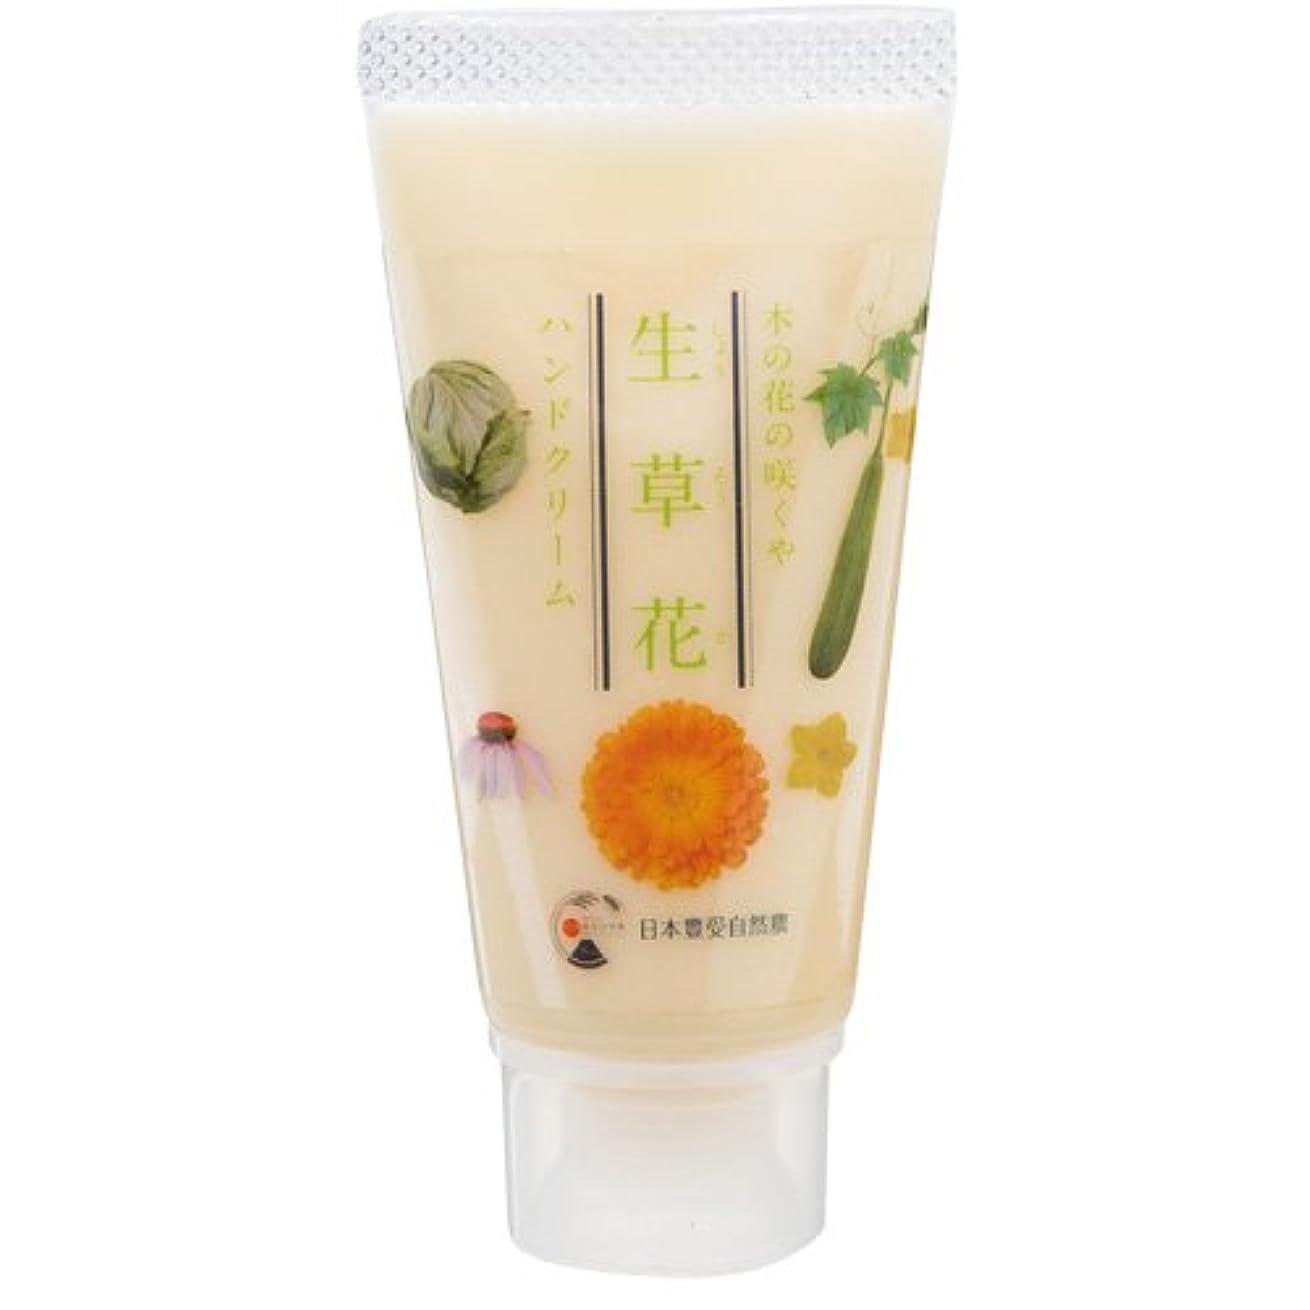 平和な添付編集者木の花の咲くや 生草花 ハンドクリーム